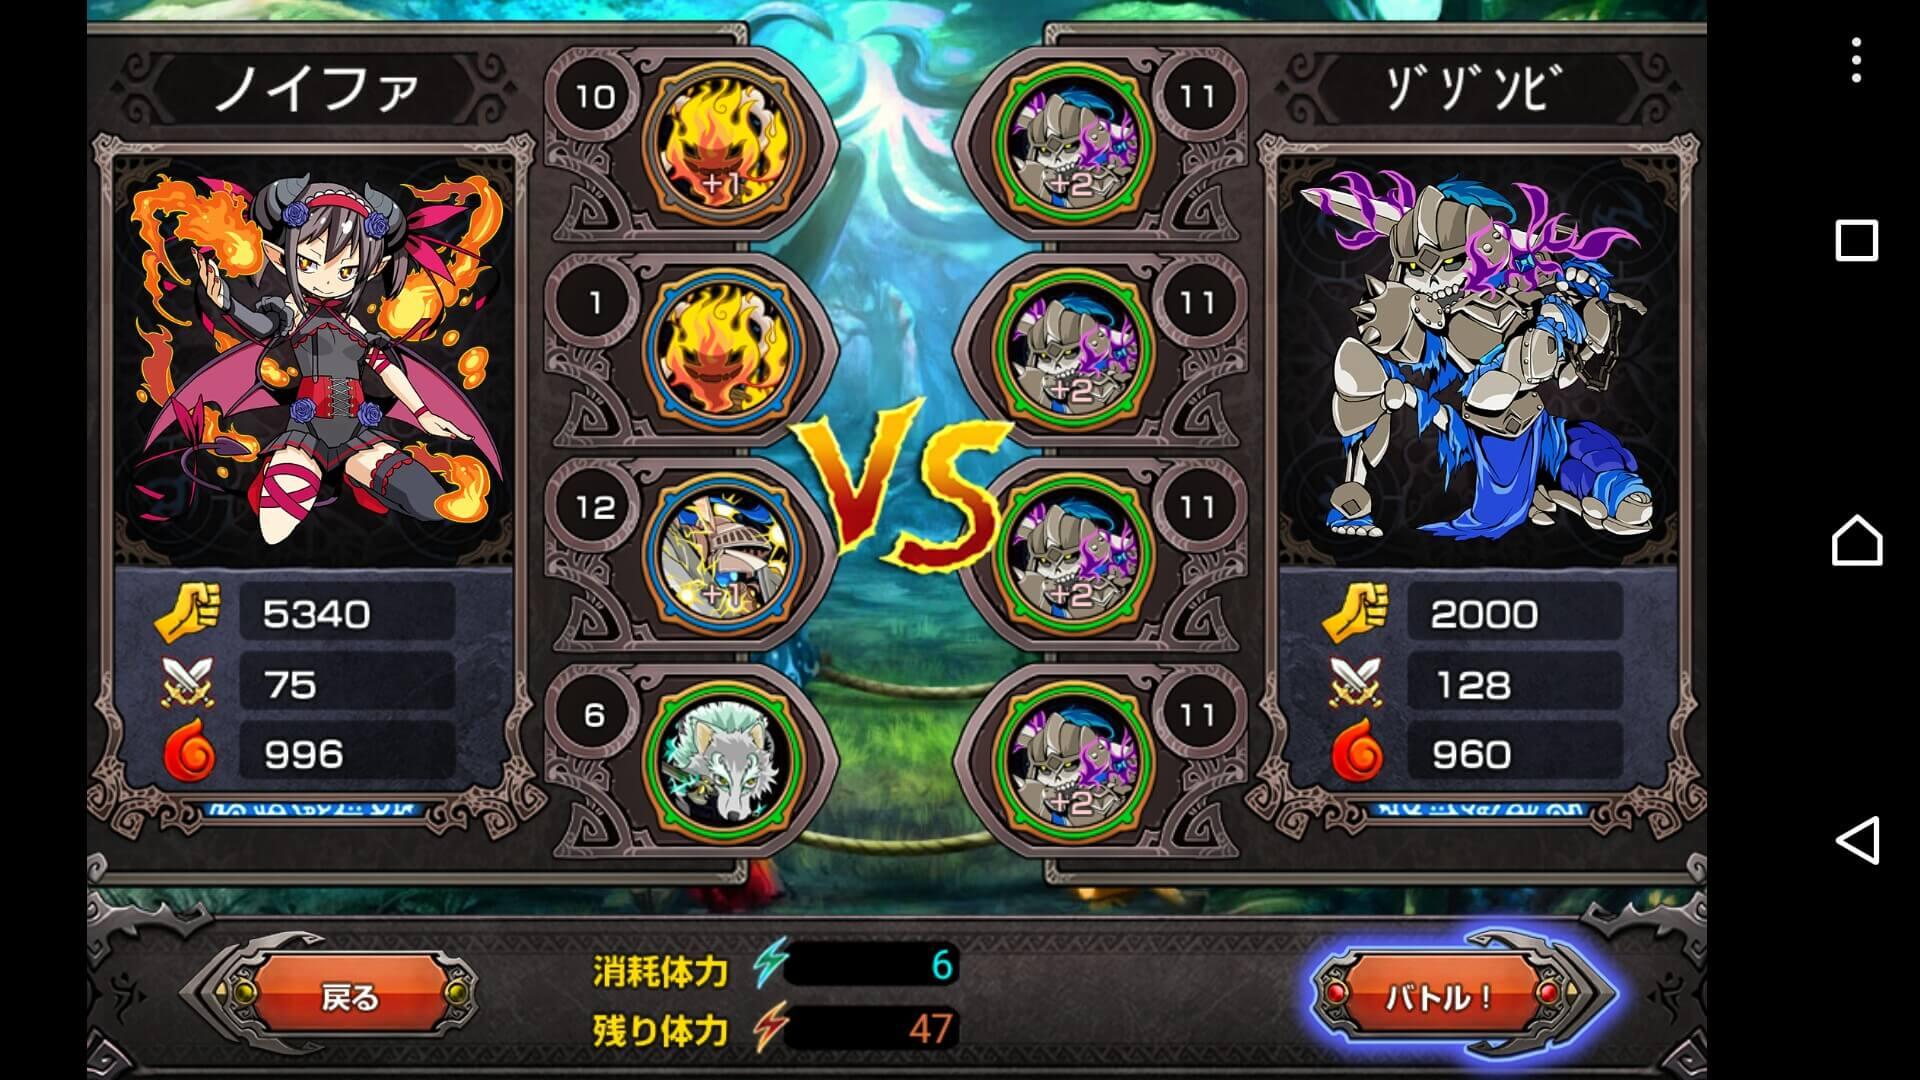 オルタナマジック-魔女戦記7 VS画面